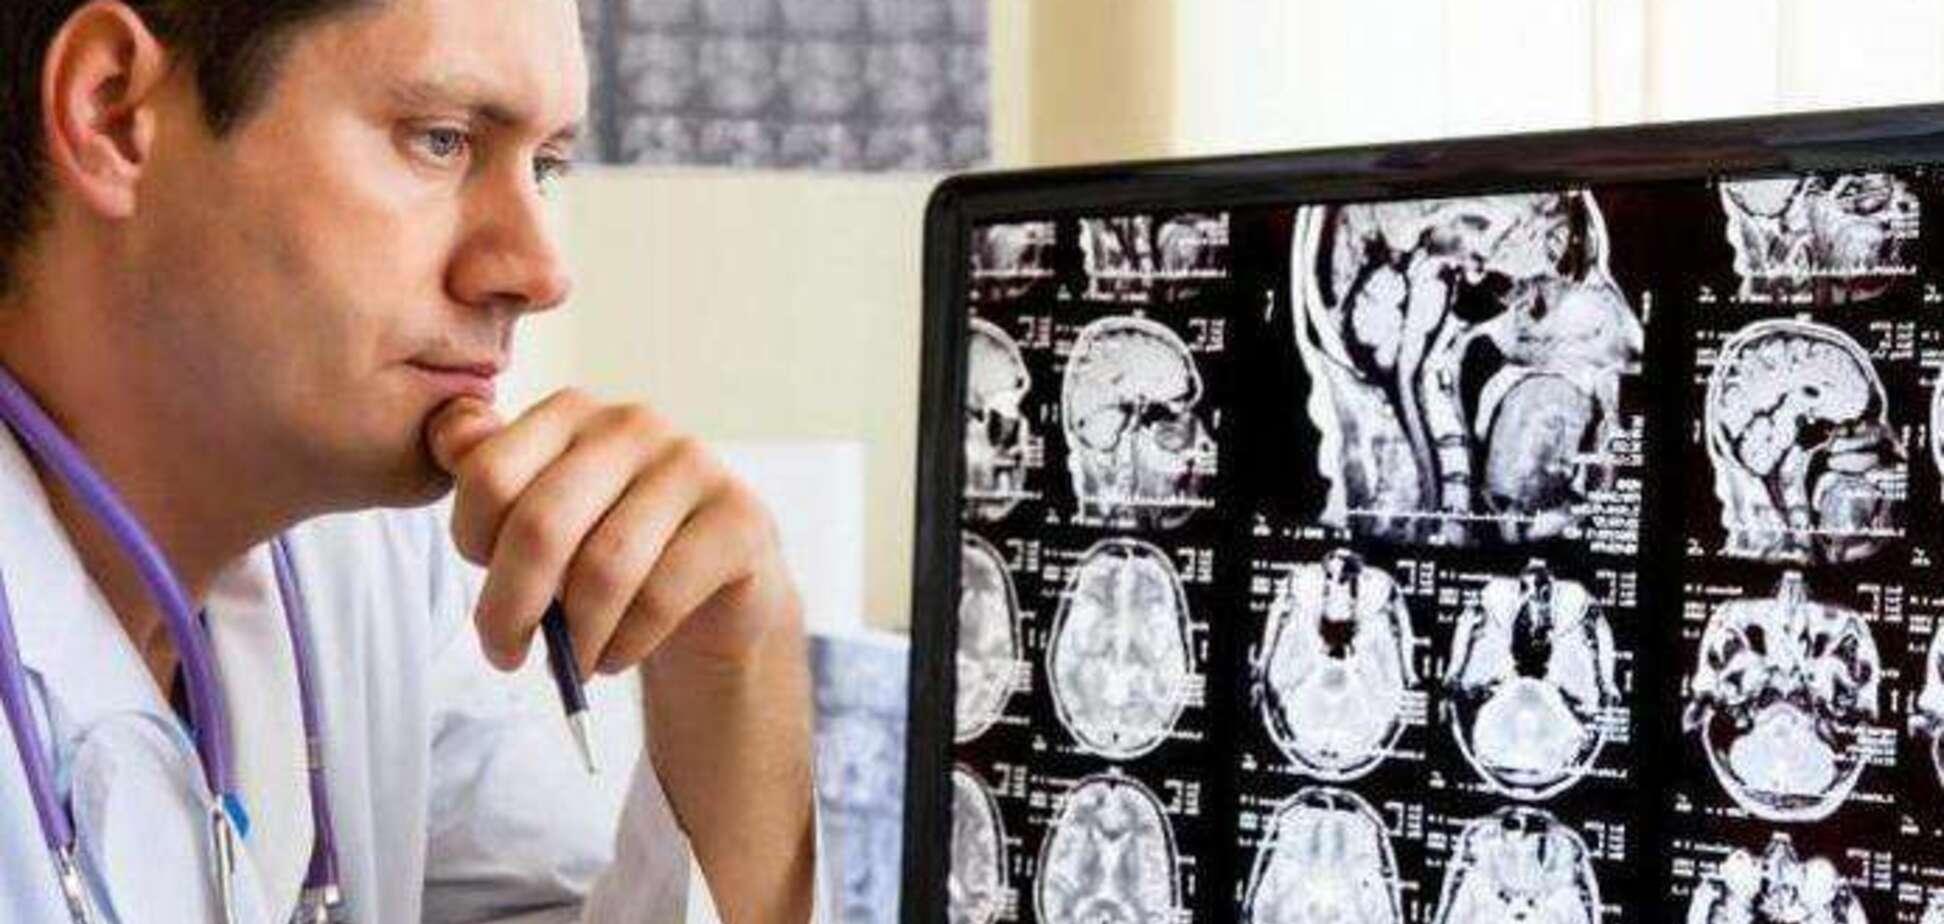 Компетенцию психиатра хотят переложить на семейного врача: чего ожидать